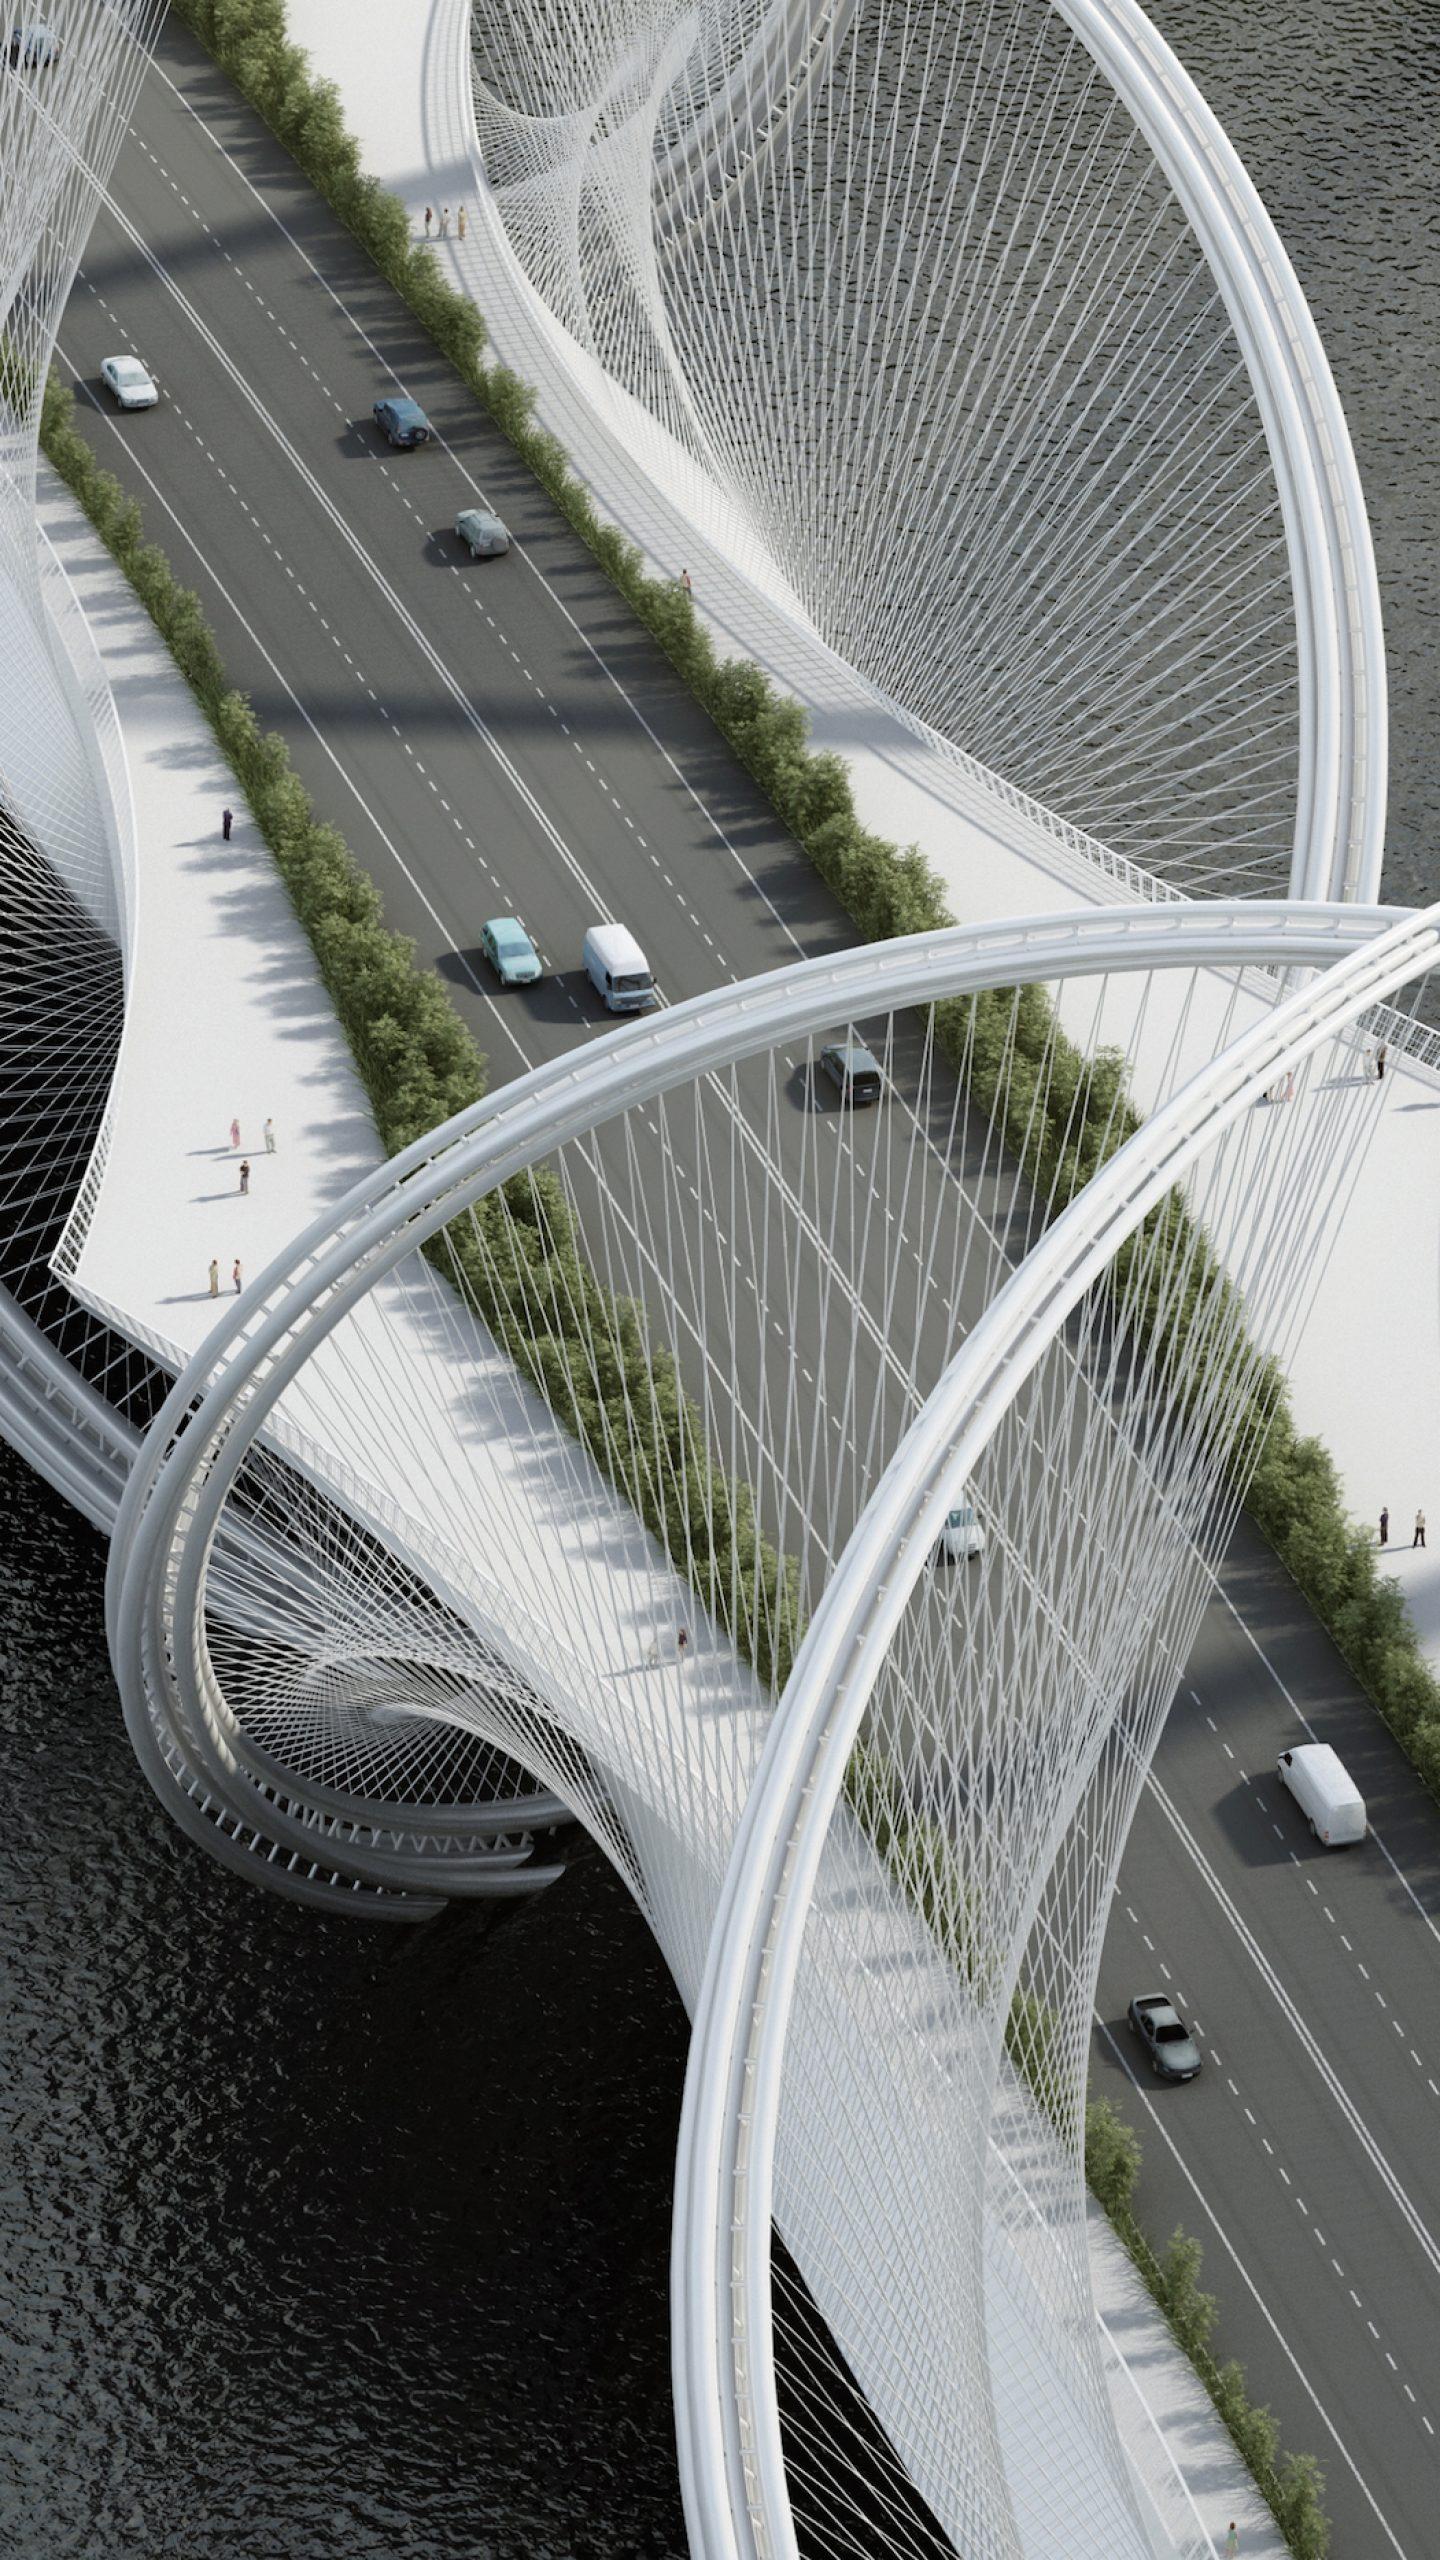 Architecture_ShanShanBridge_Penda06